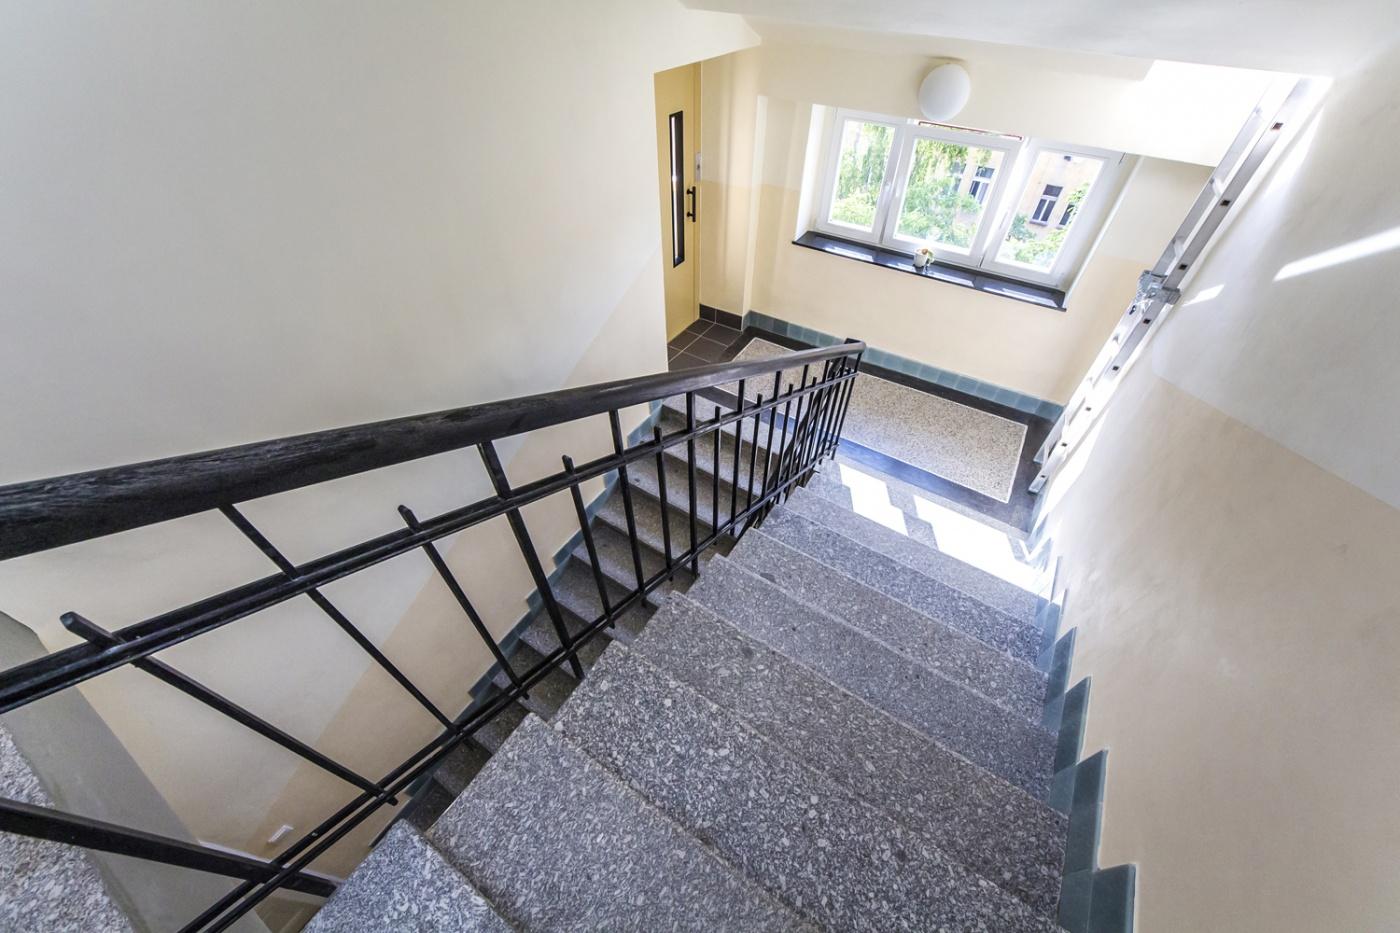 Developerský projekt Pod sokolovnou, ulice Pod sokolovnou, Praha 4 - Nusle | 3